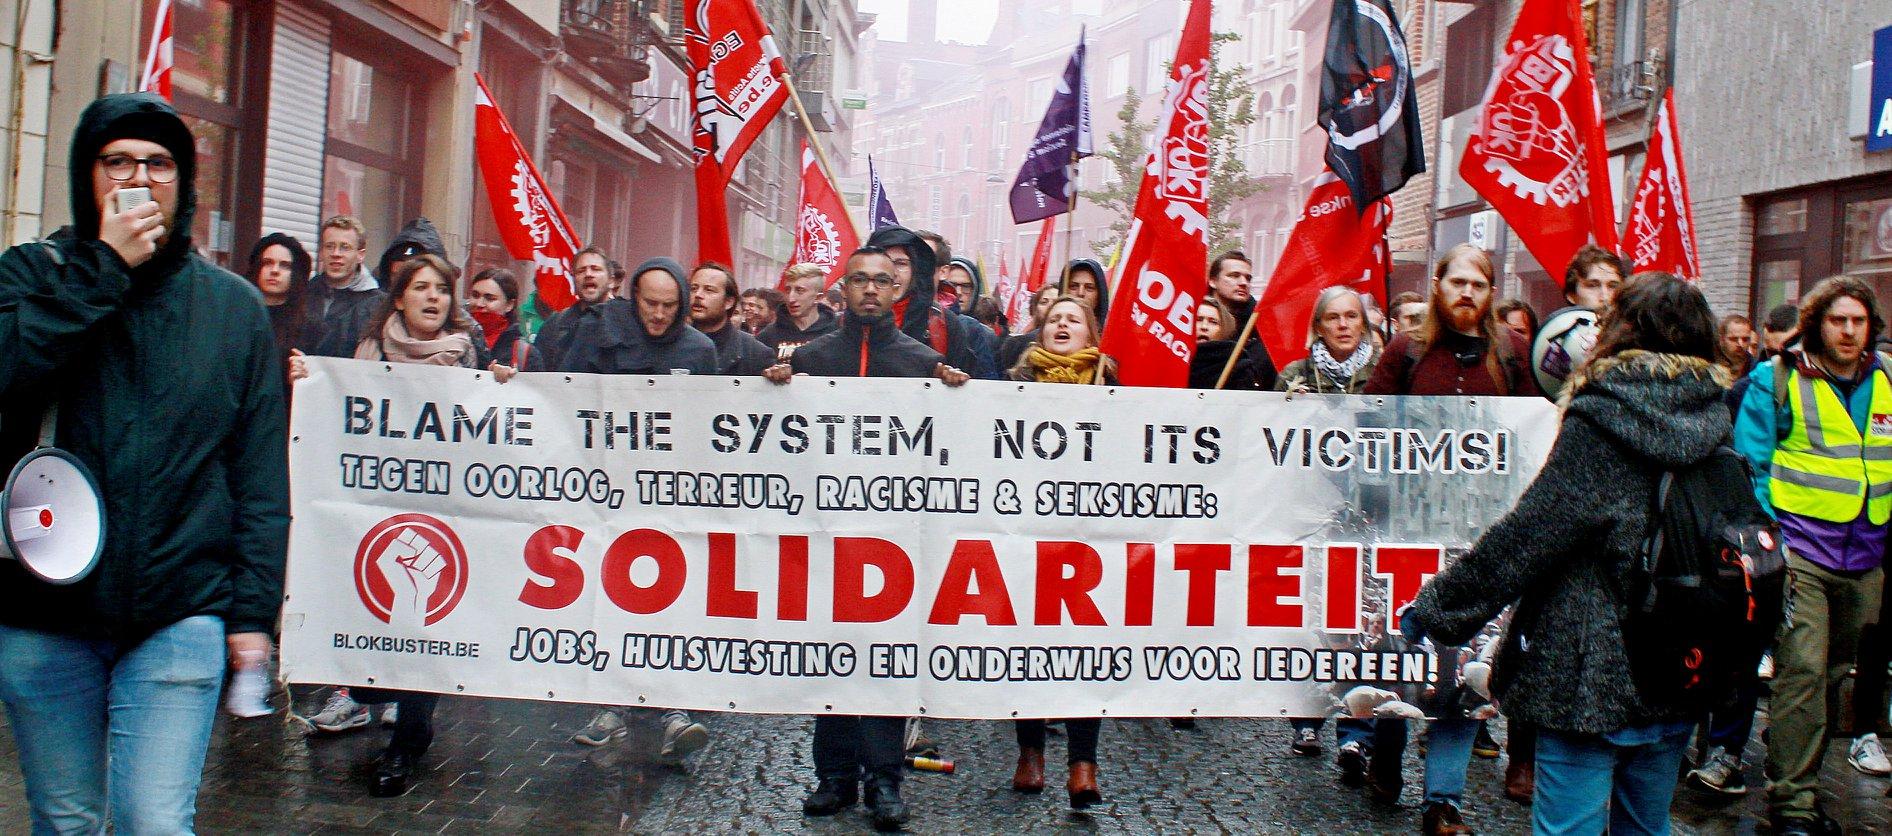 Protest tegen meeting Van Langenhove aan Antwerpse universiteit